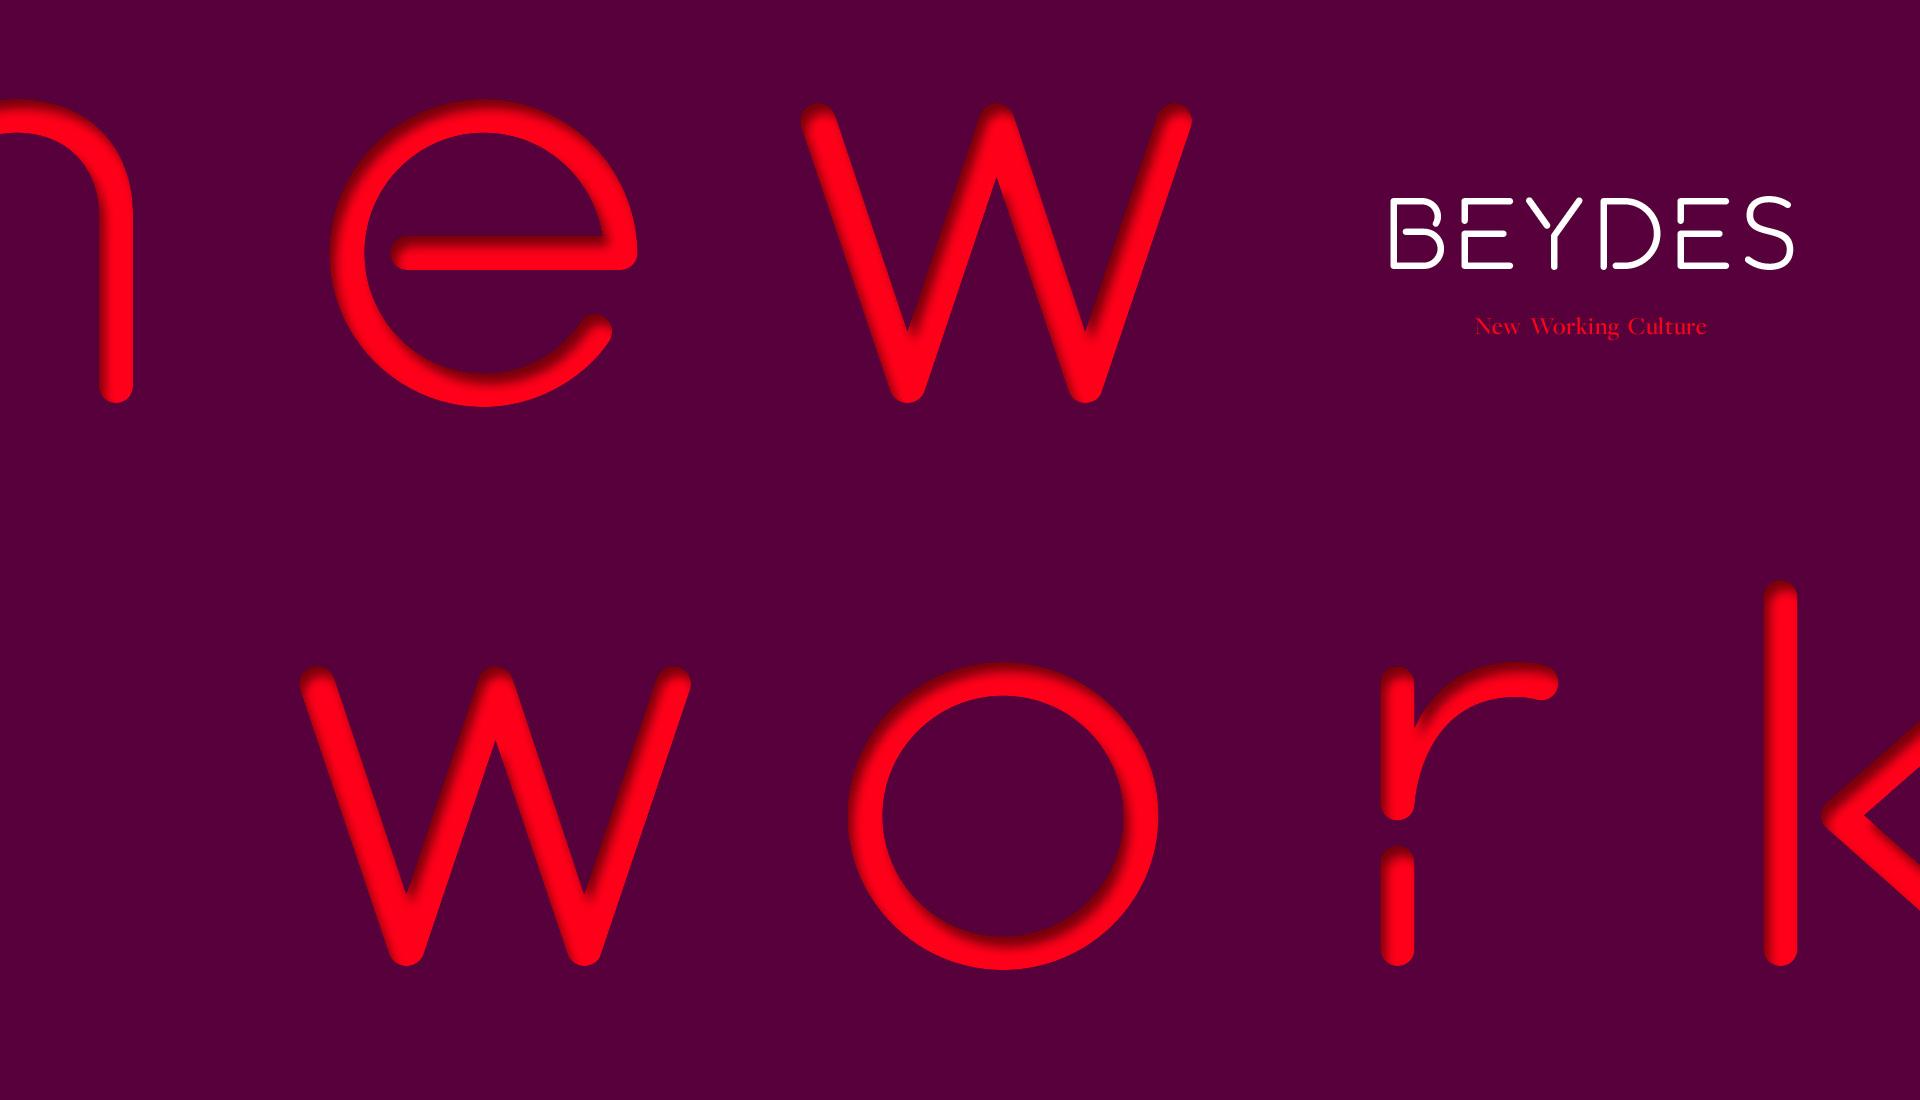 beydes-spread-konzept-1